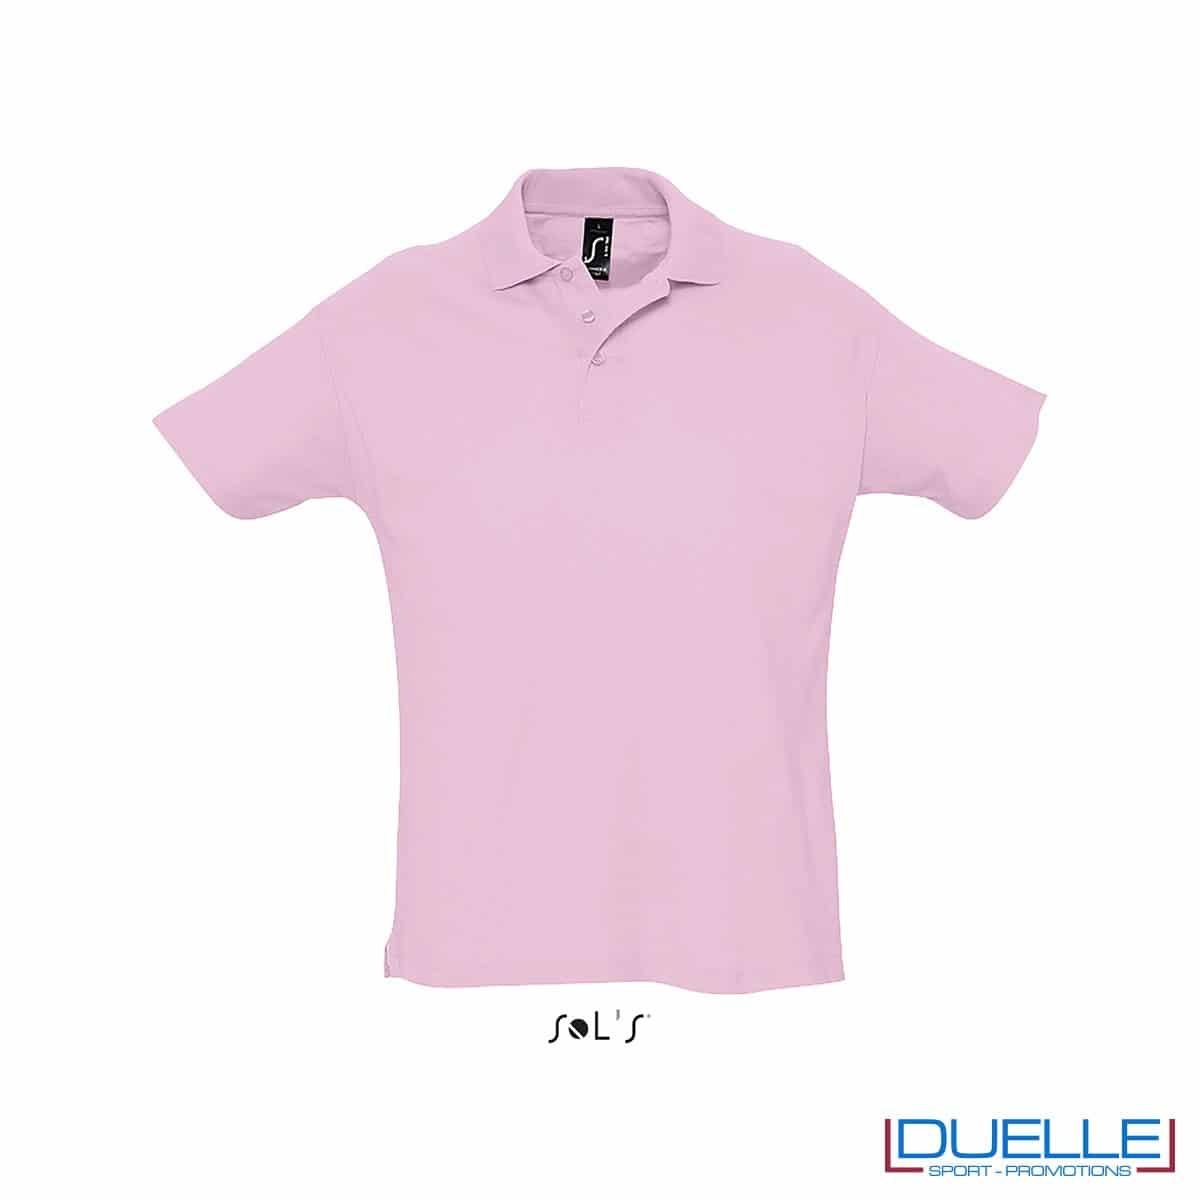 polo personalizzata colore rosa, polo piquet personalizzata